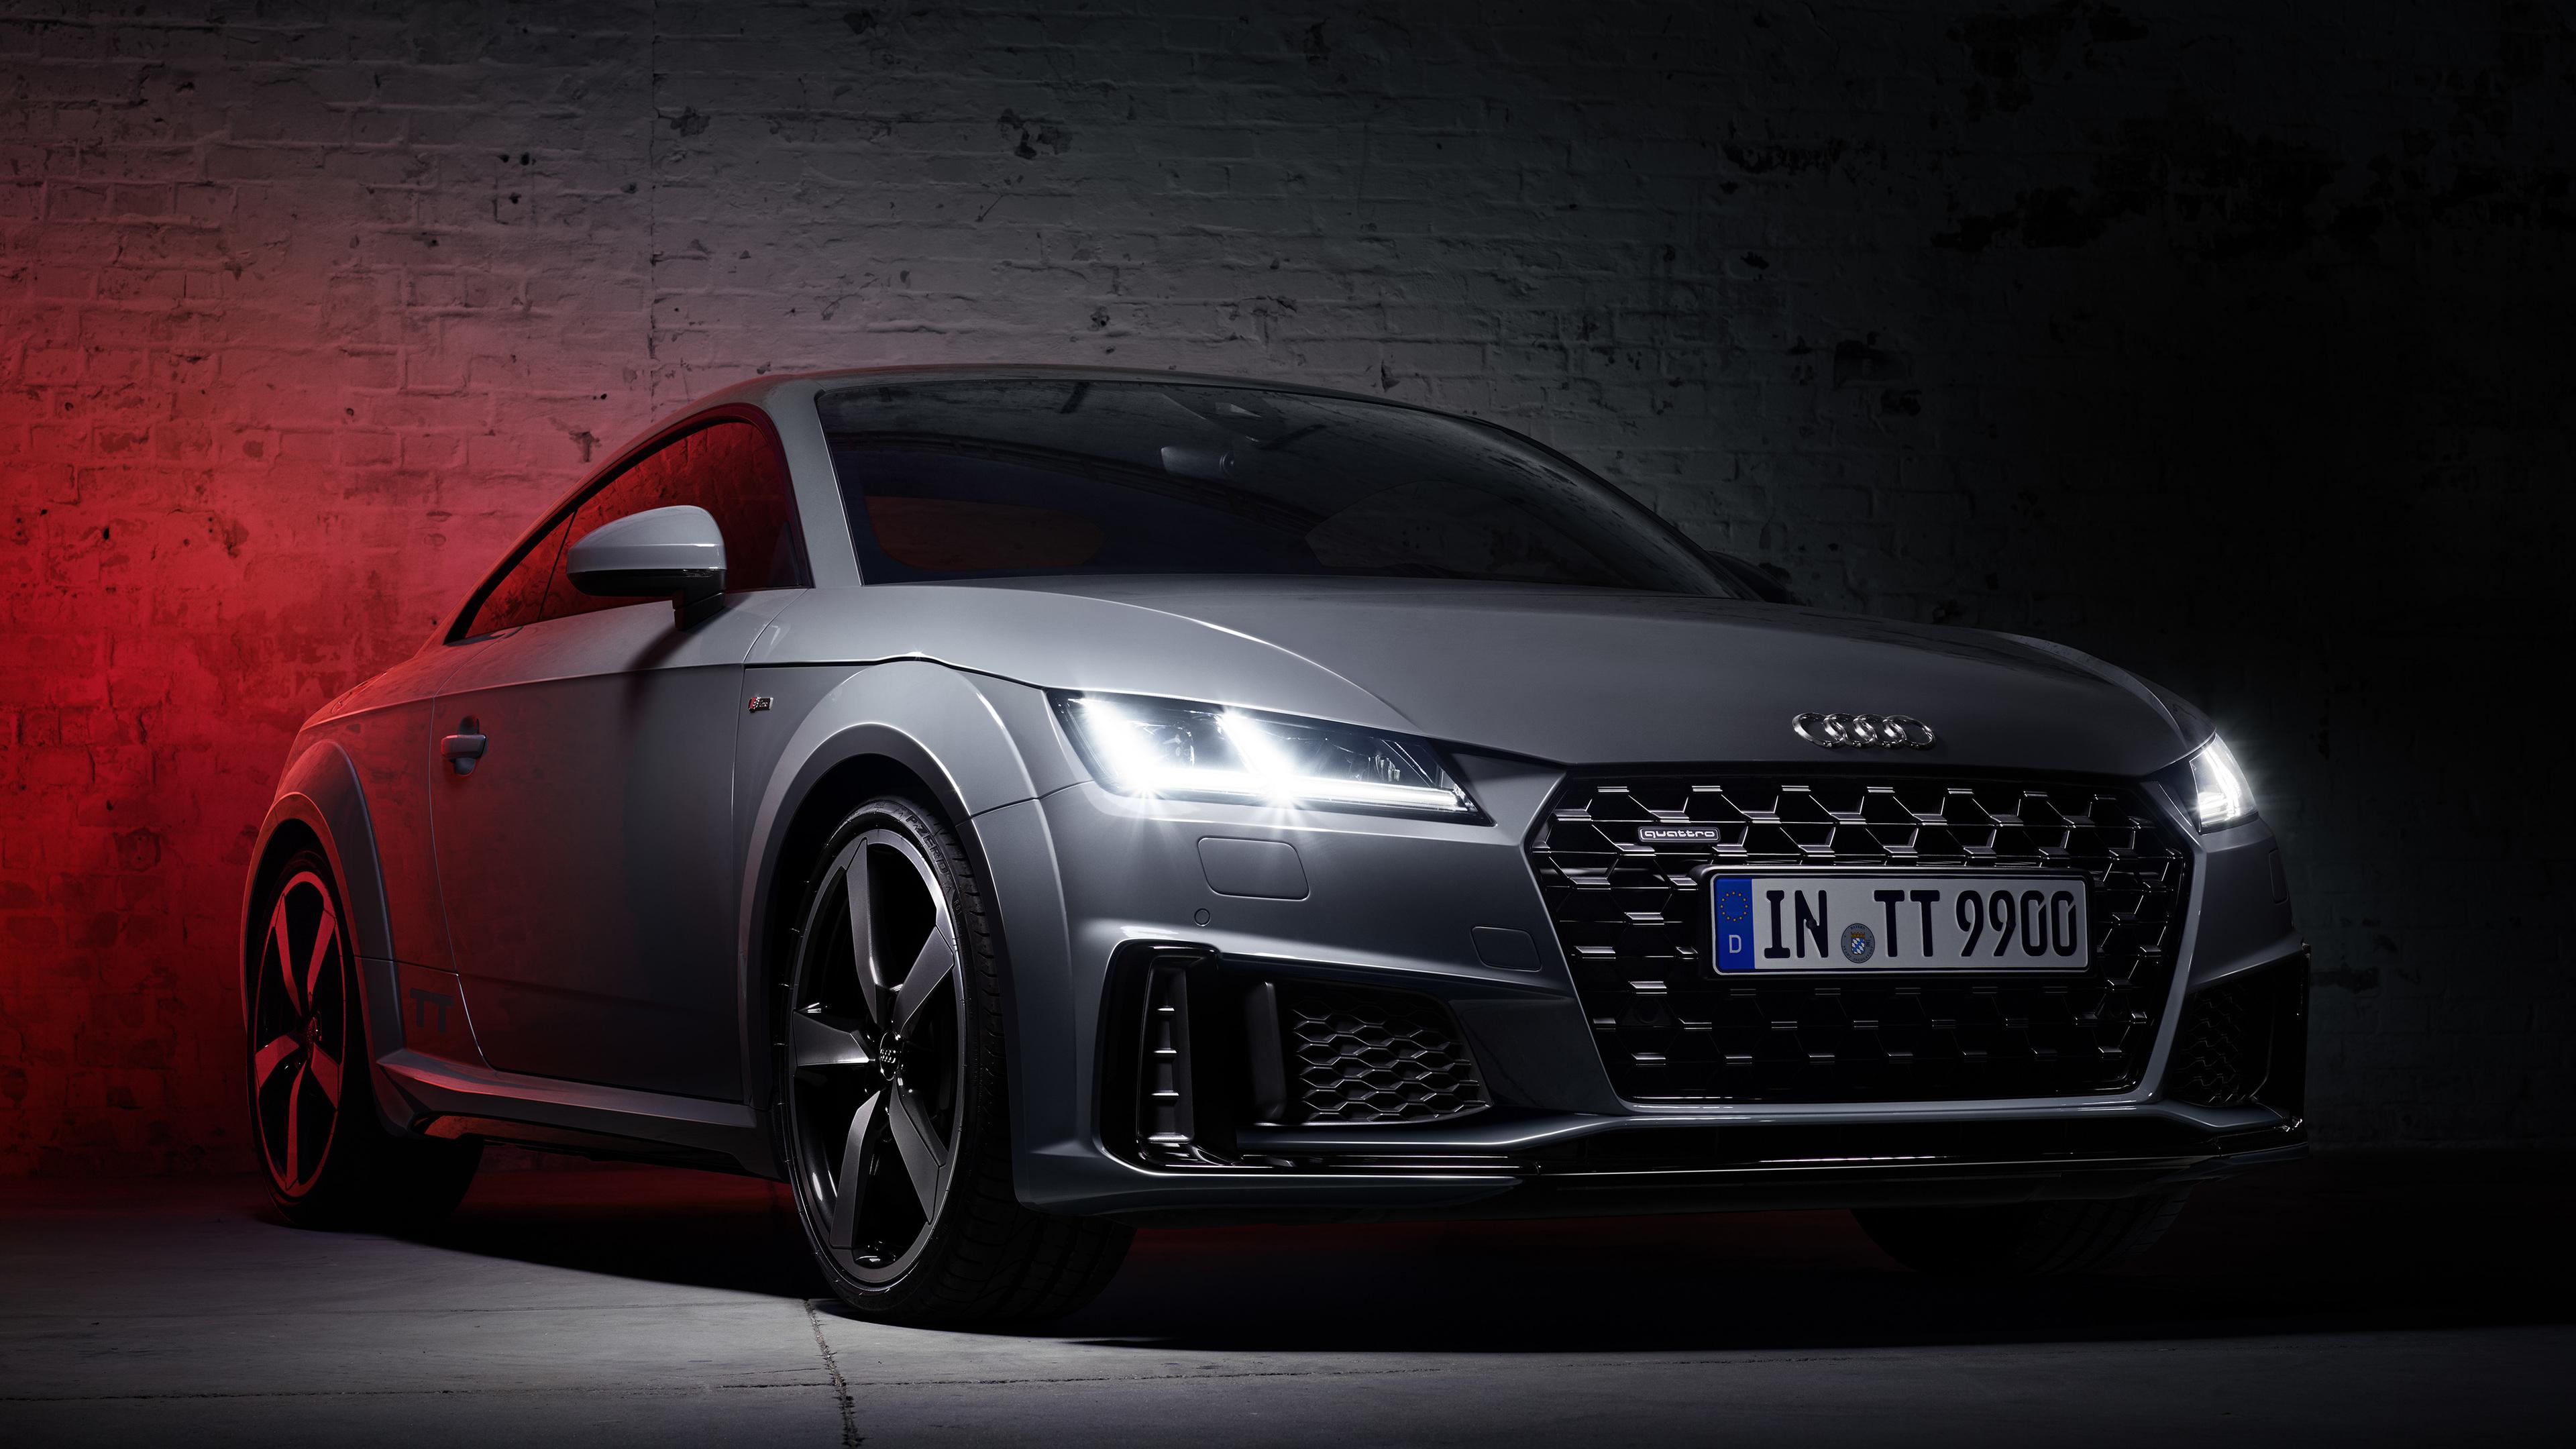 audi tt 45 quantum gray edition 2019 1560534229 - Audi TT 45 Quantum Gray Edition 2019 - hd-wallpapers, cars wallpapers, audi wallpapers, 4k-wallpapers, 2019 cars wallpapers